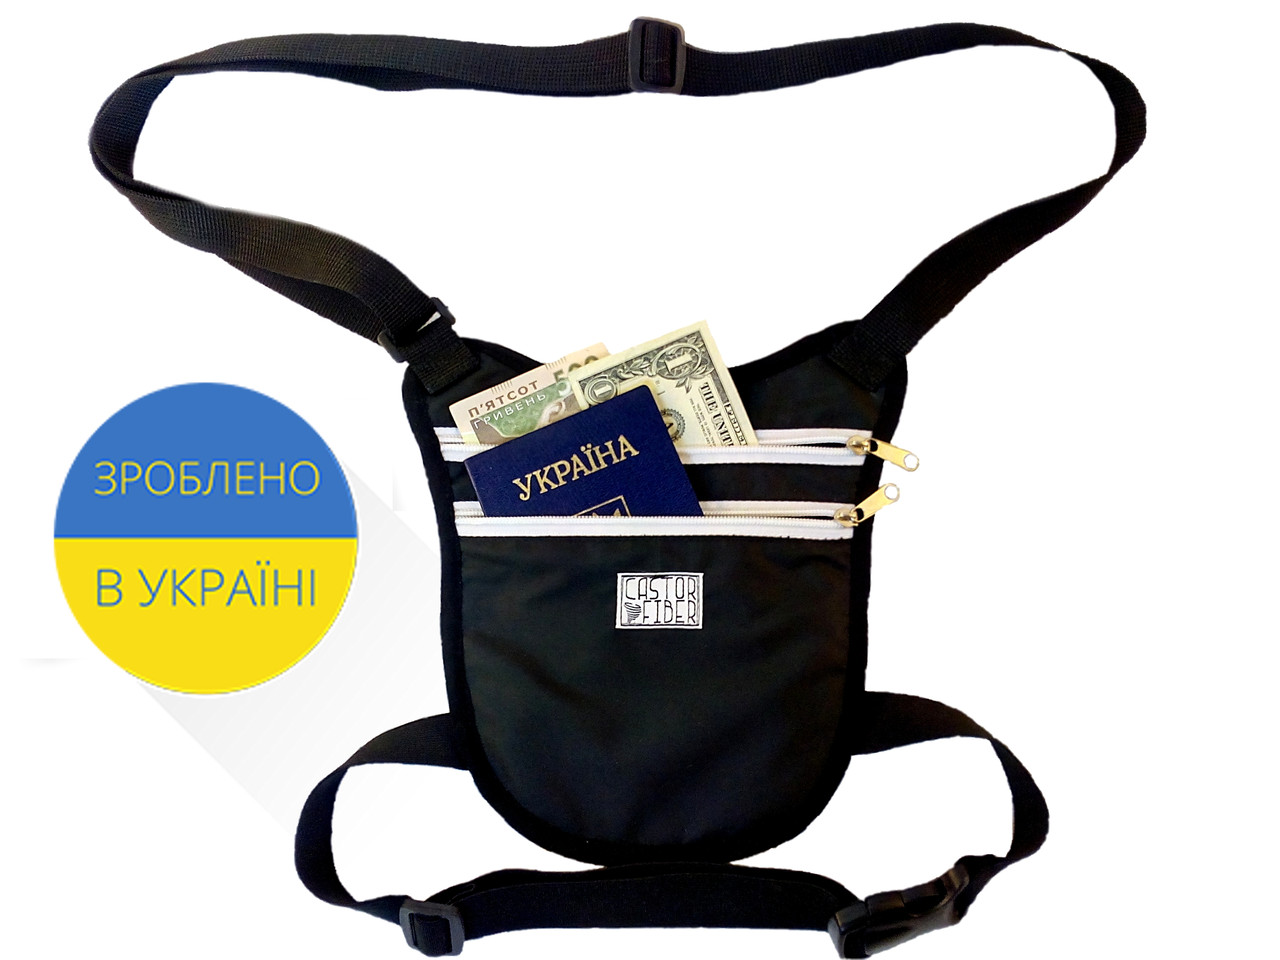 c7cefe21f5d9 Нательный кошелек CASTOR FIBER Lockster: продажа, цена в Киеве ...